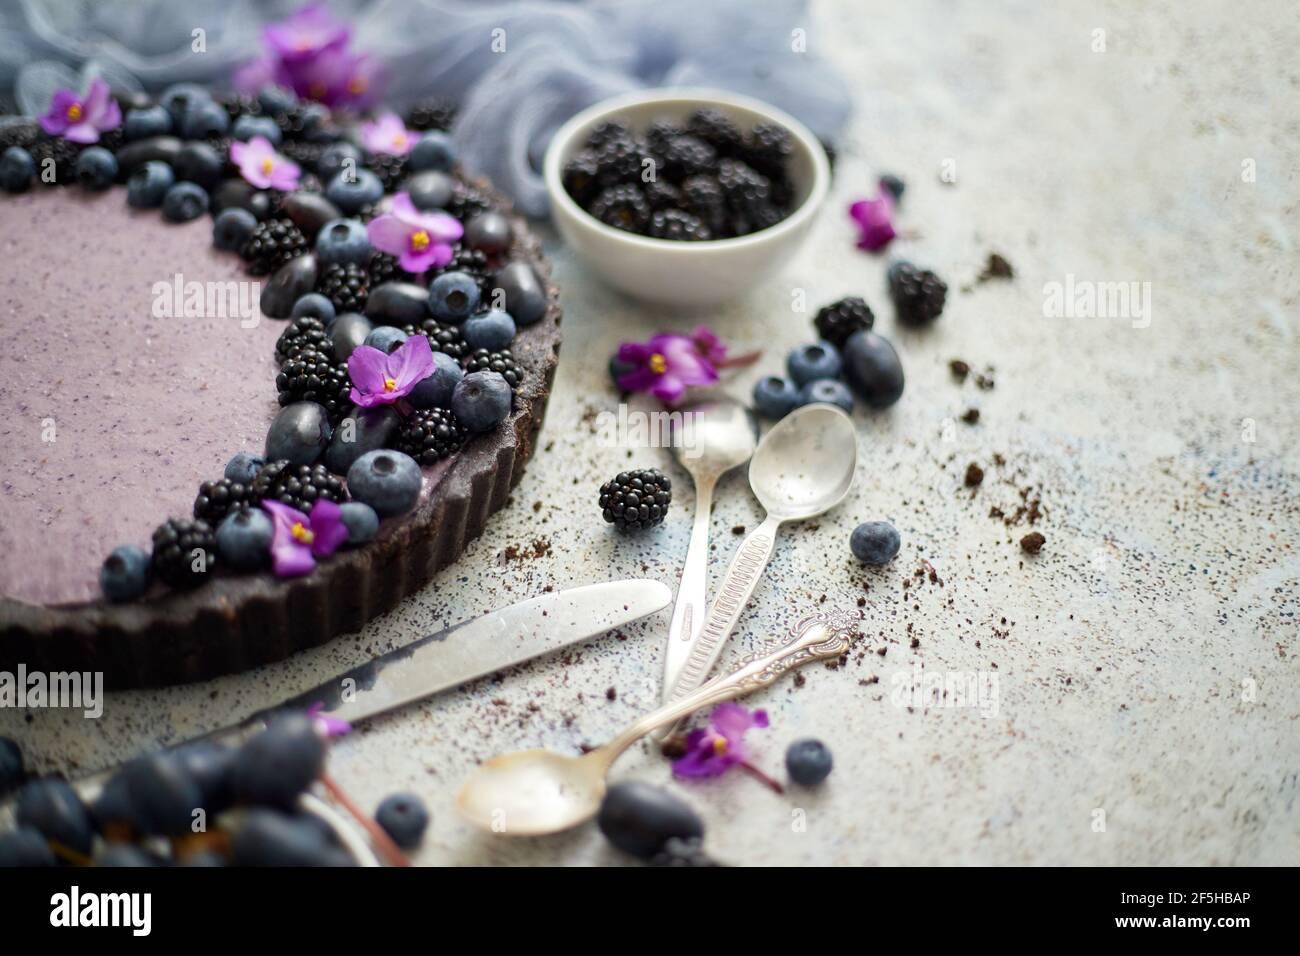 Tarta dulce y sabrosa con arándanos frescos, moras y uvas, servida sobre fondo de piedra Foto de stock